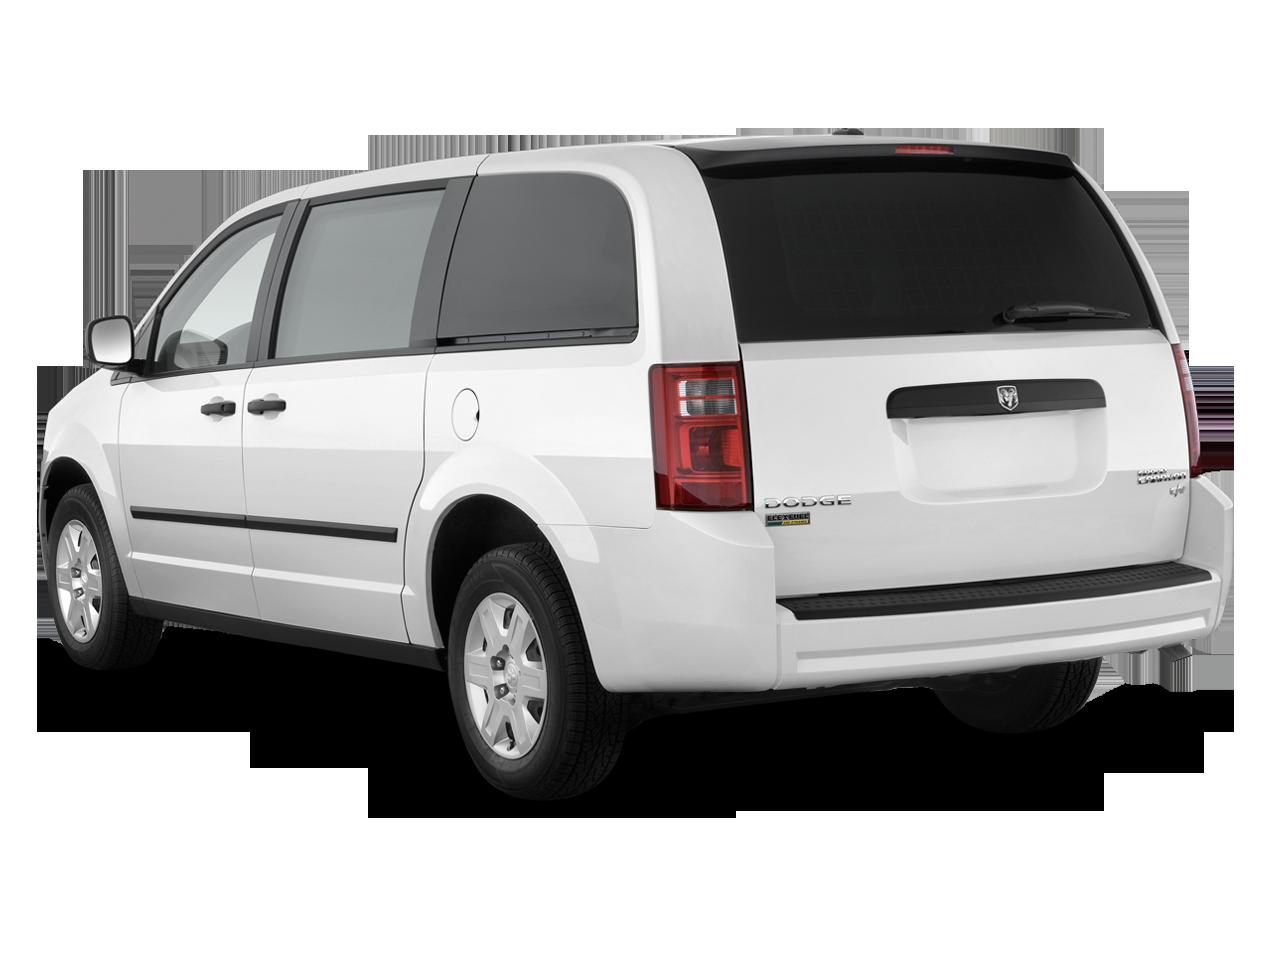 2009 dodge grand caravan sxt 3 8 dodge minivan review automobile magazine. Black Bedroom Furniture Sets. Home Design Ideas